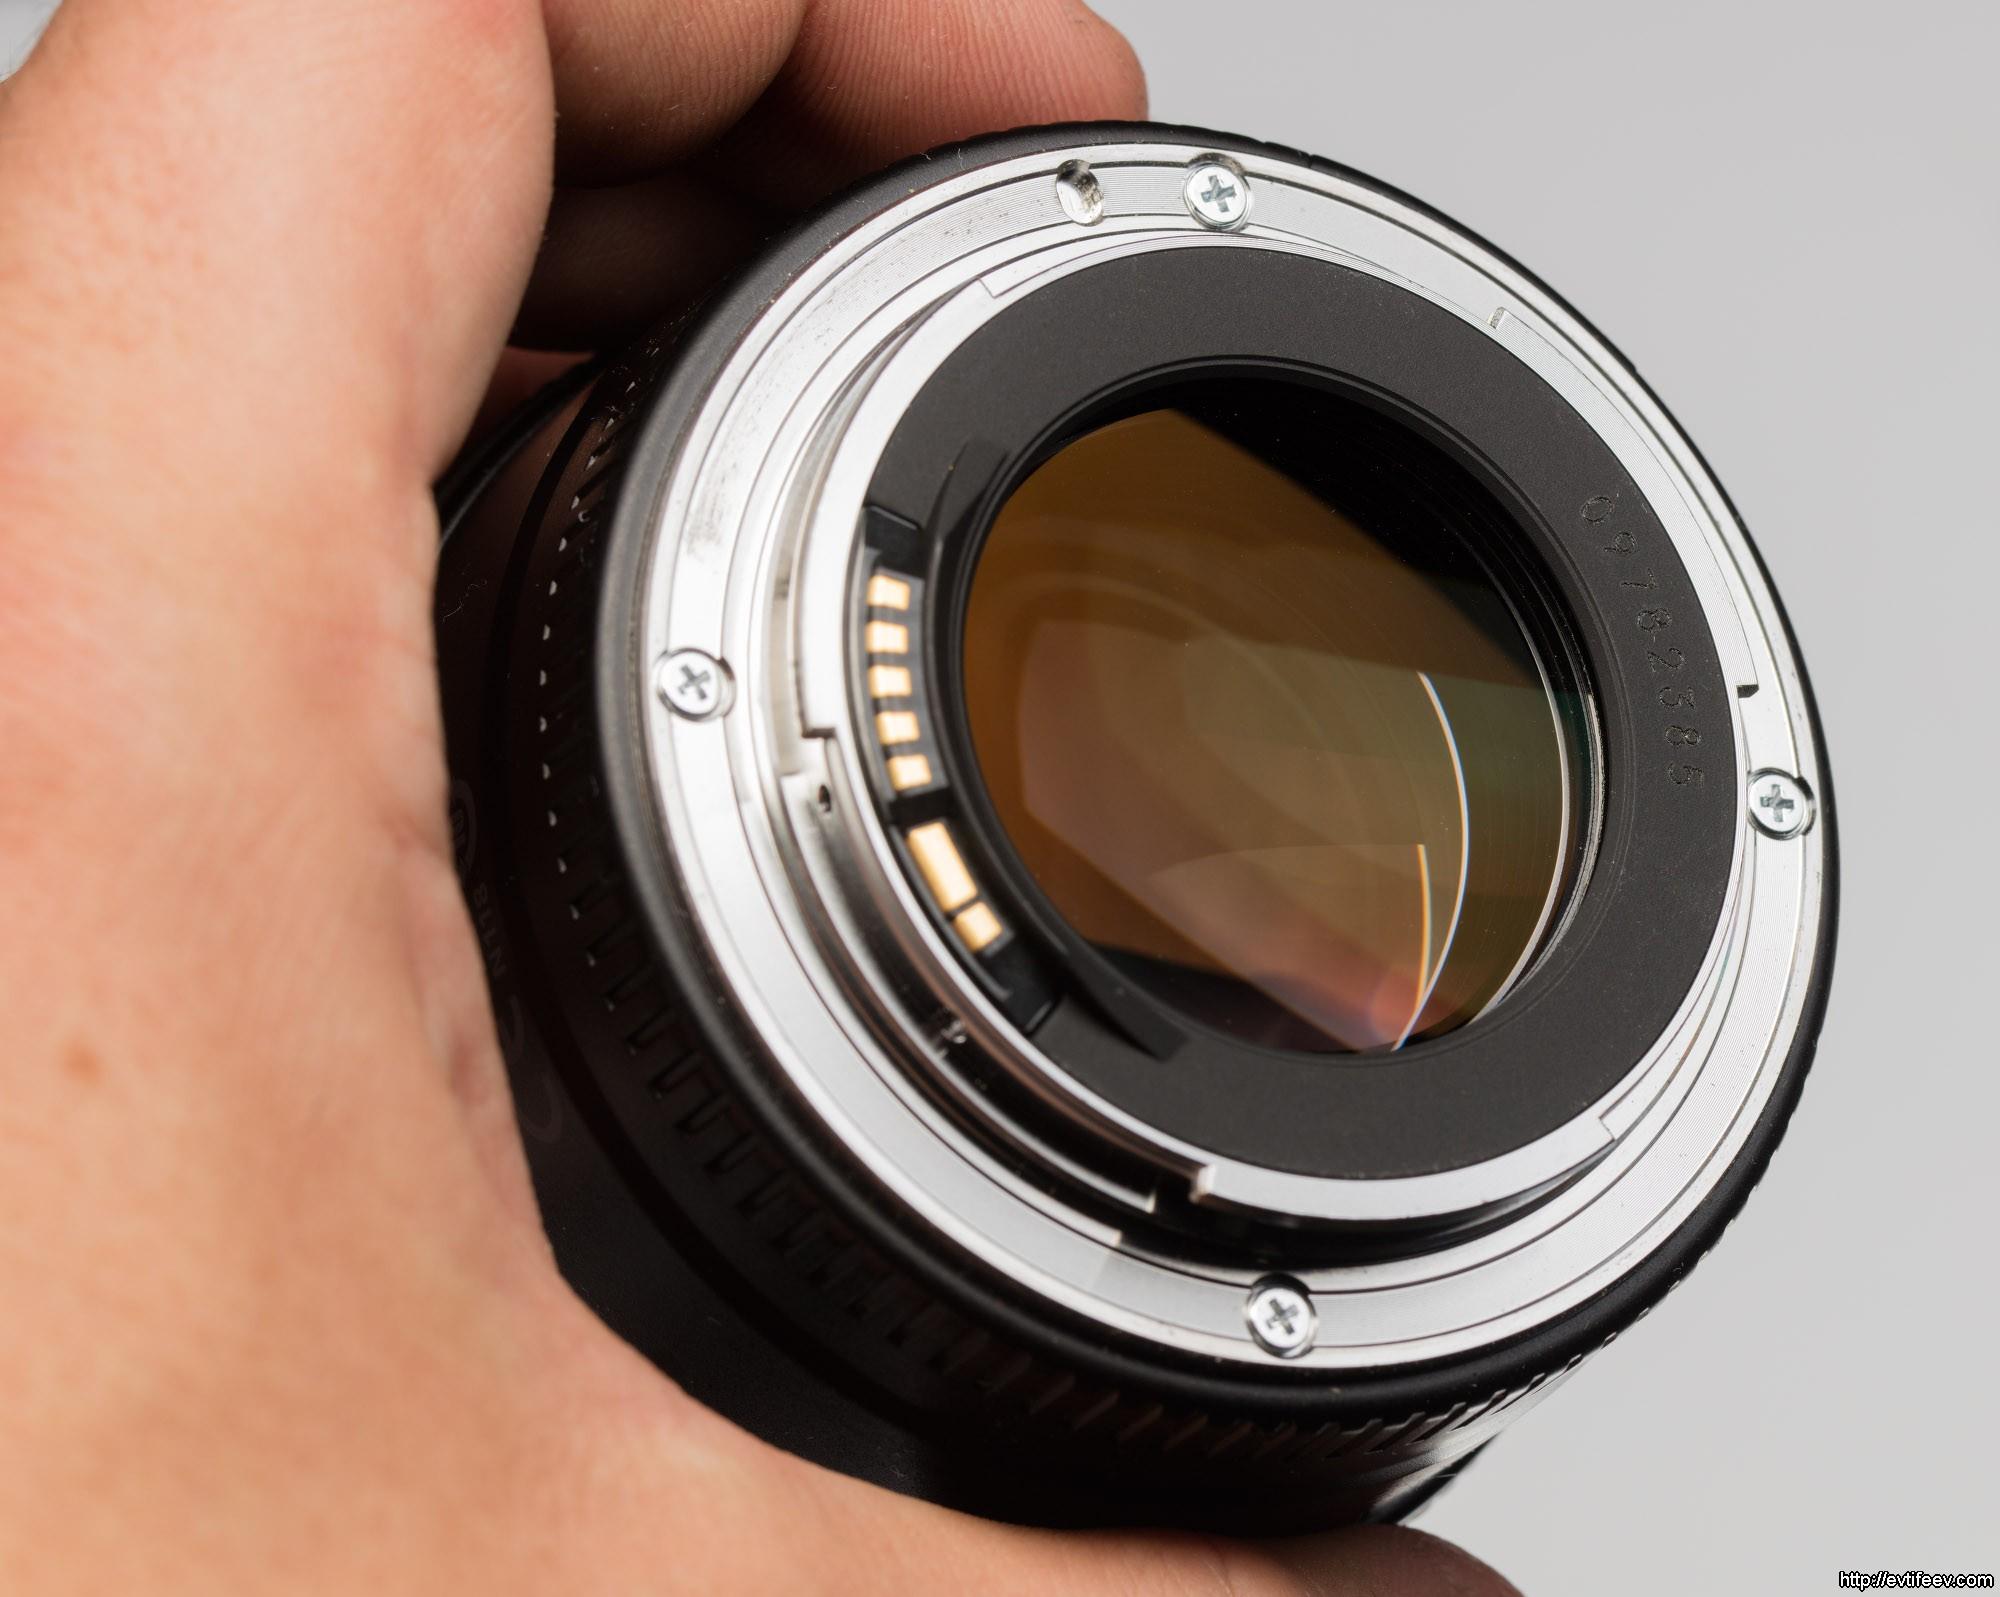 БЛОГ ДМИТРИЯ ЕВТИФЕЕВА | Лучшие объективы Canon — как определить по оптической схеме